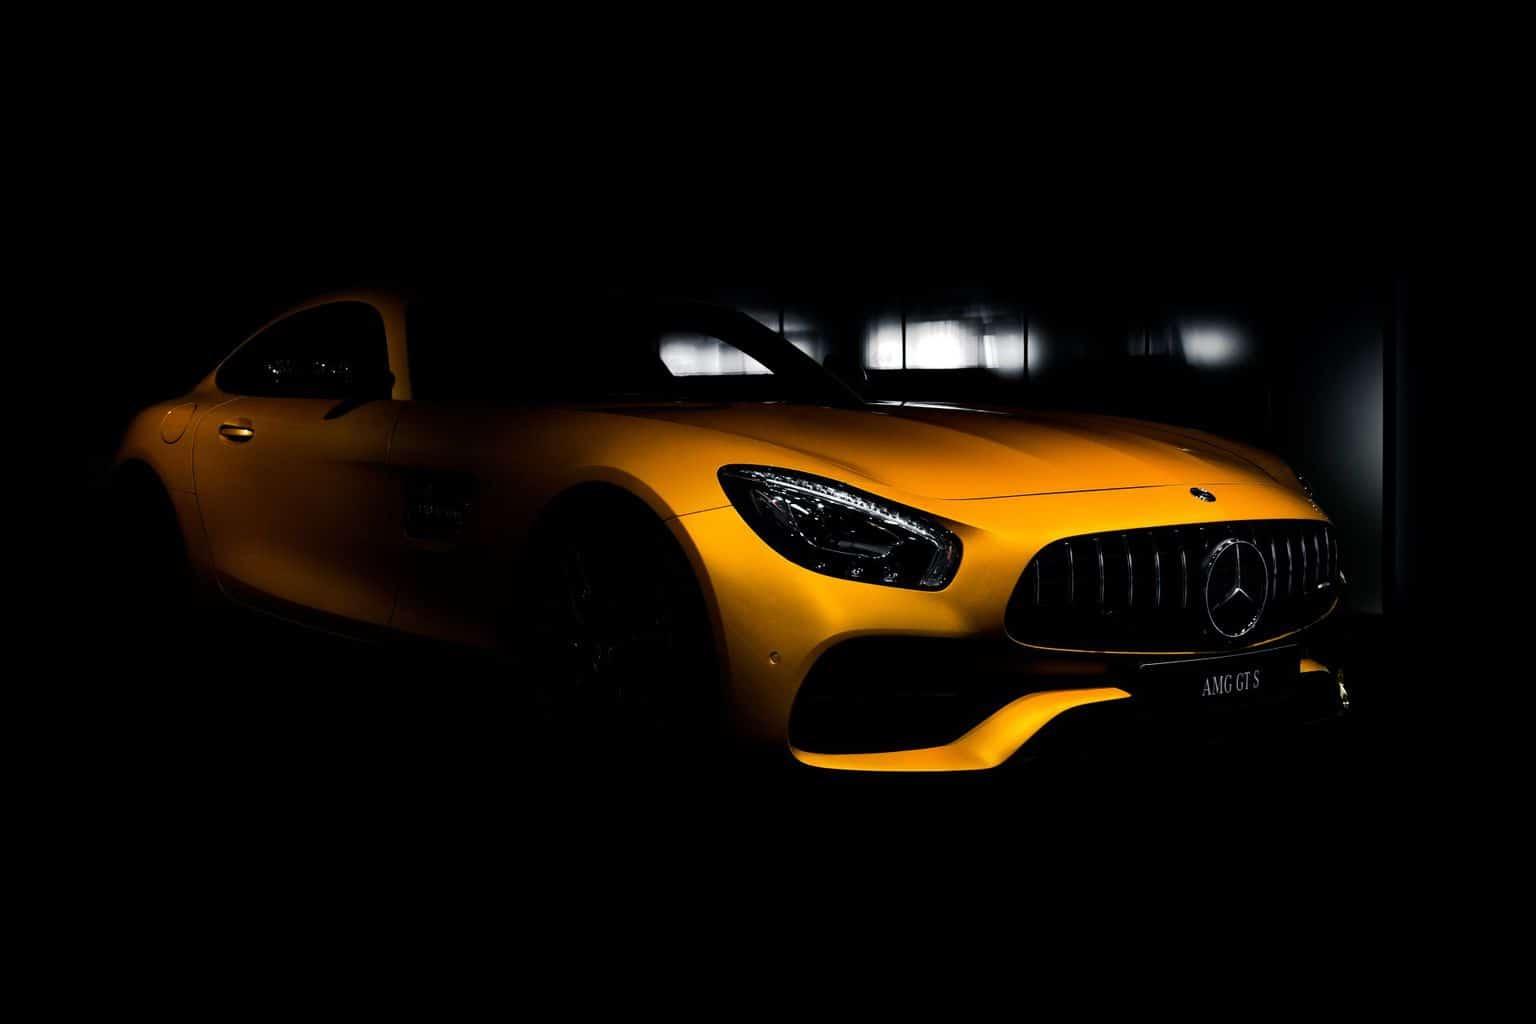 Mercedes AMG offenbart weitere Hinweise auf eigene Elektro-Plattform